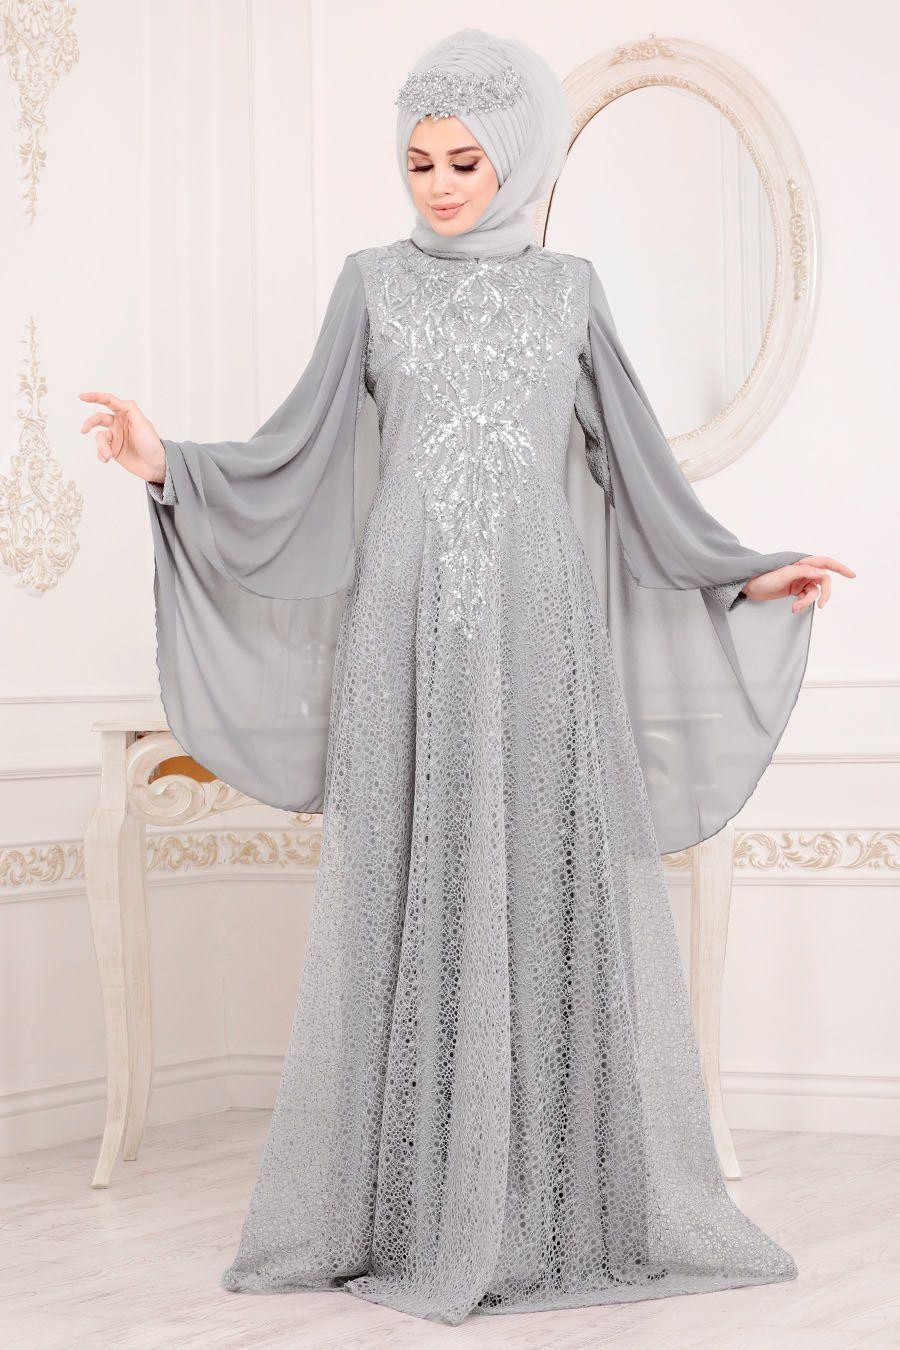 Tesetturlu Abiye Elbise Pelerinli Gri Tesettur Abiye Elbise 3287gr Tesetturisland Com Tesettur Abiye Modelleri 2020 Elbise Moda Stilleri Musluman Modasi